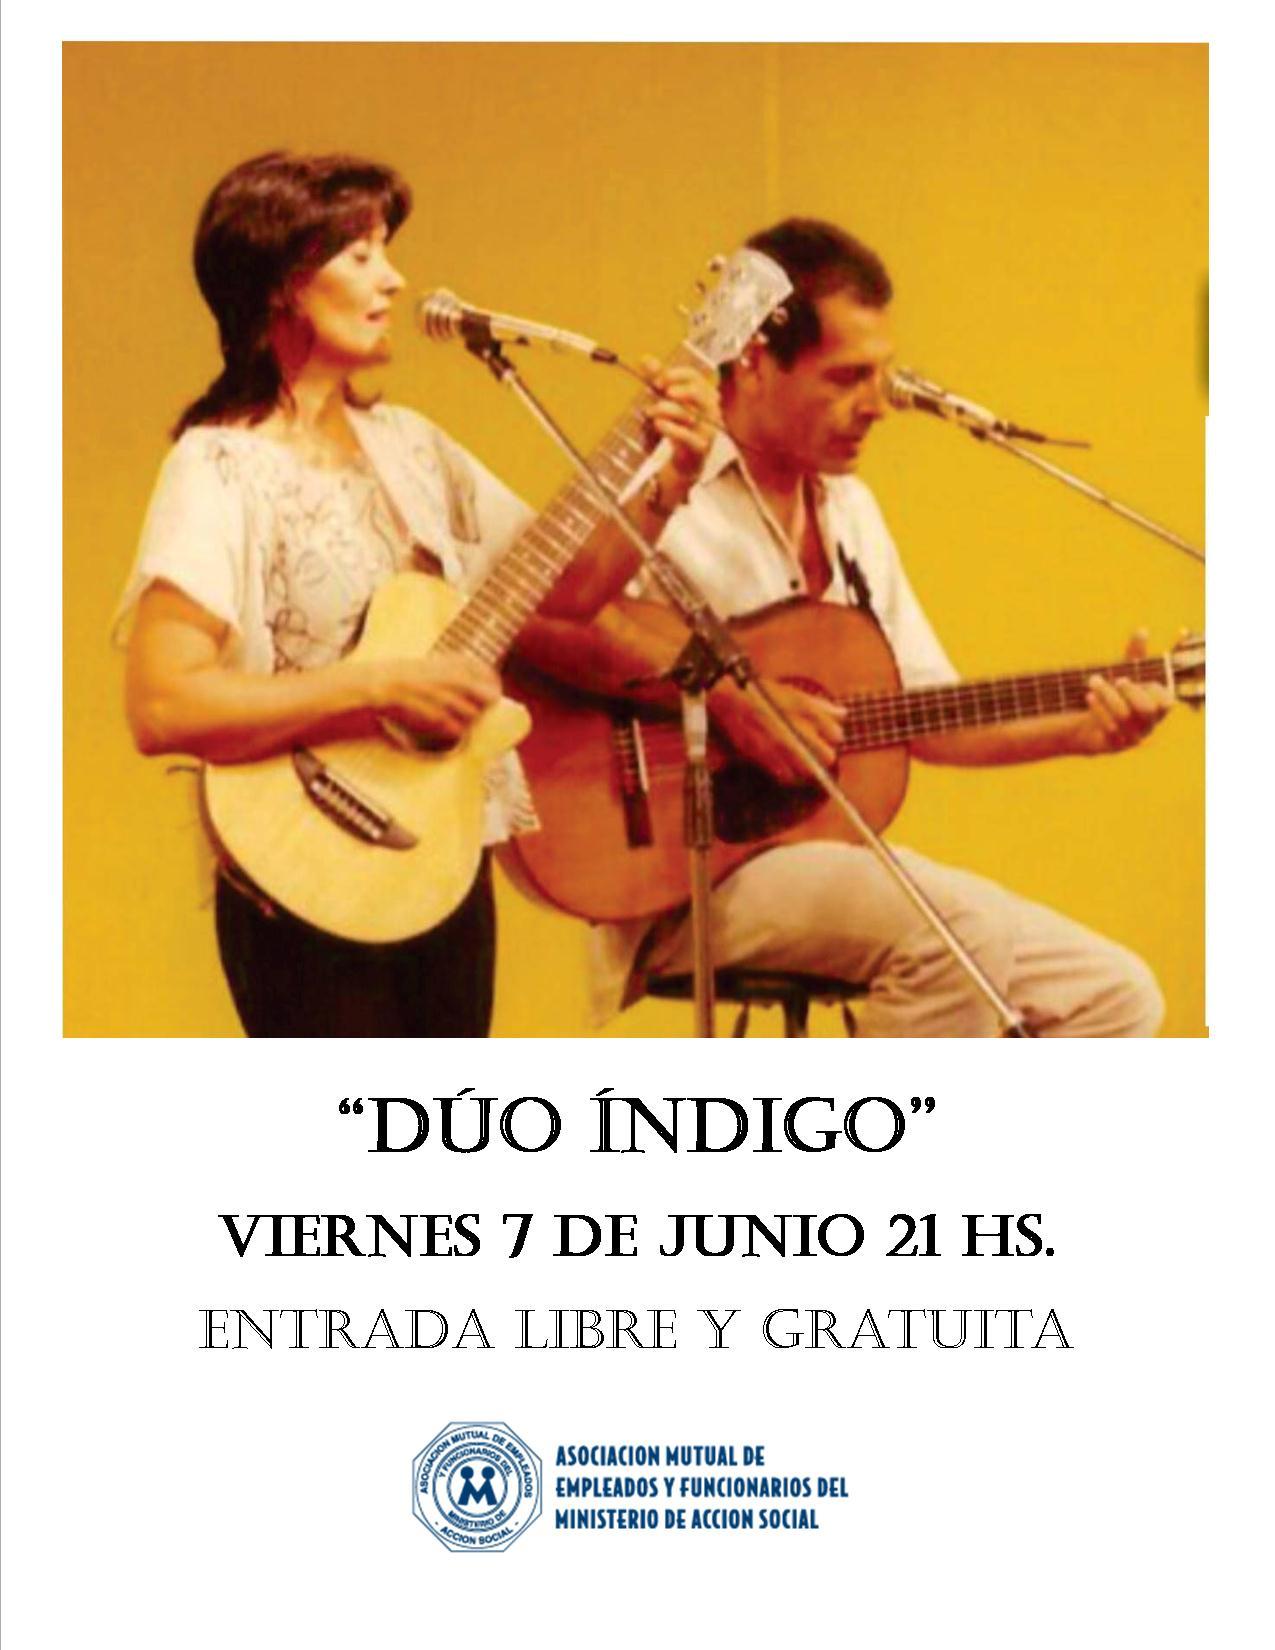 duo-indigo-07-06-19